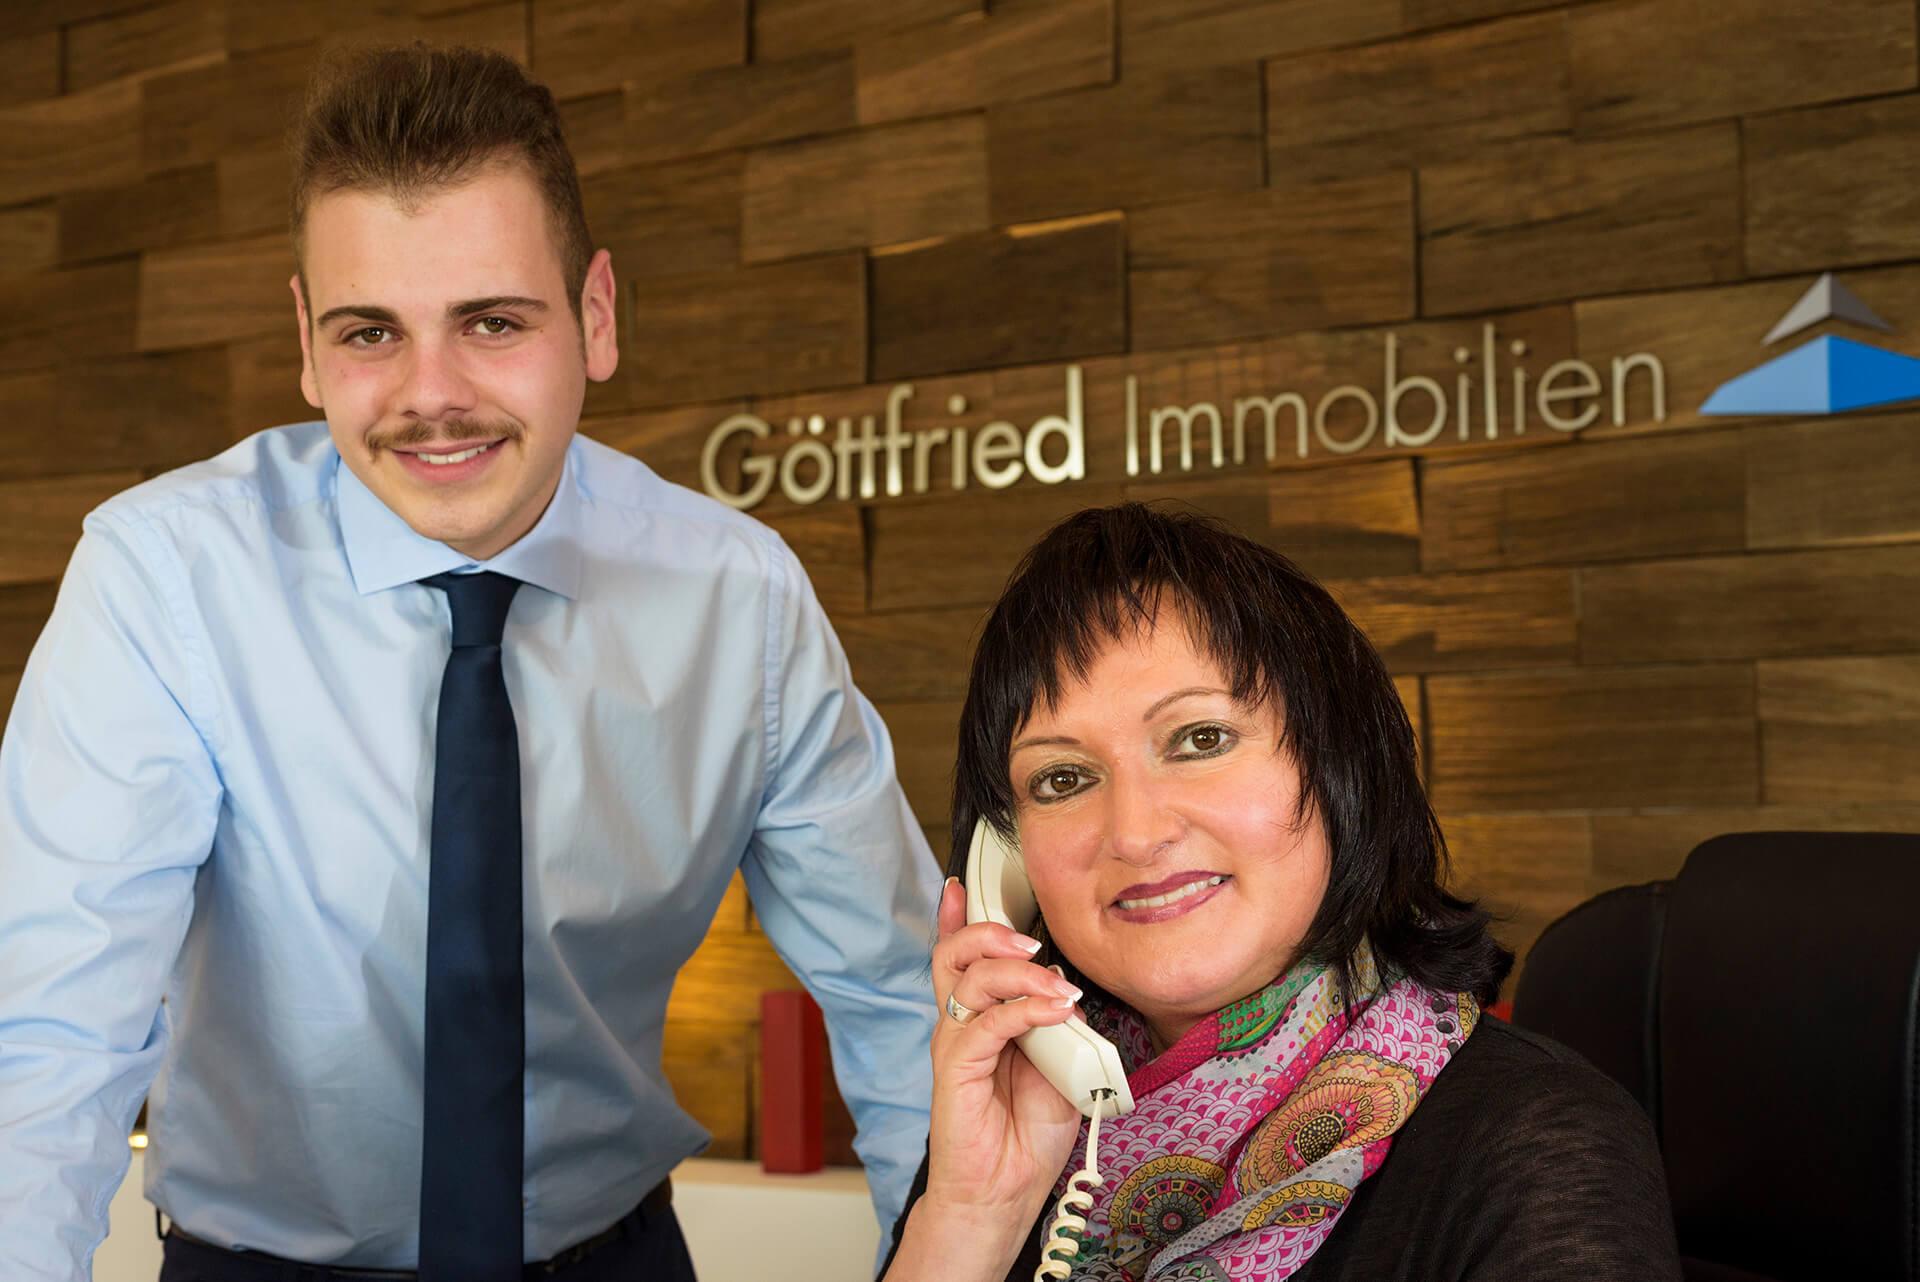 Göttfried Immobilien GmbH